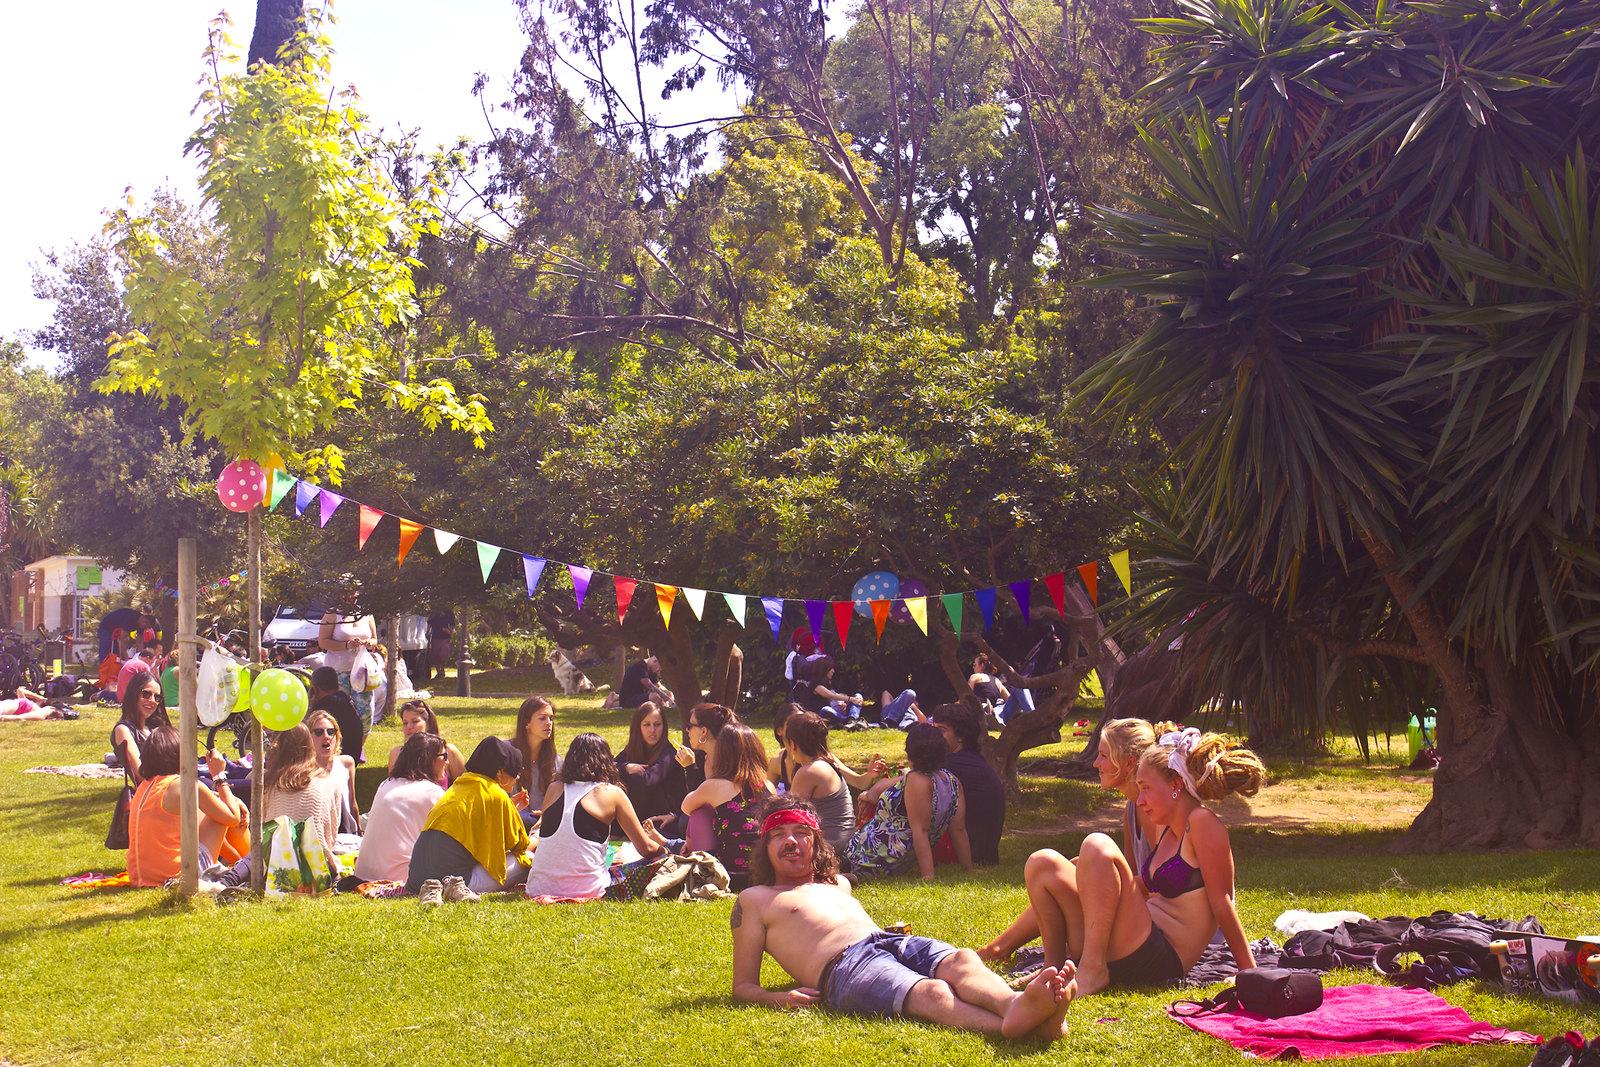 park fun national holiday playing bunting ciutadella